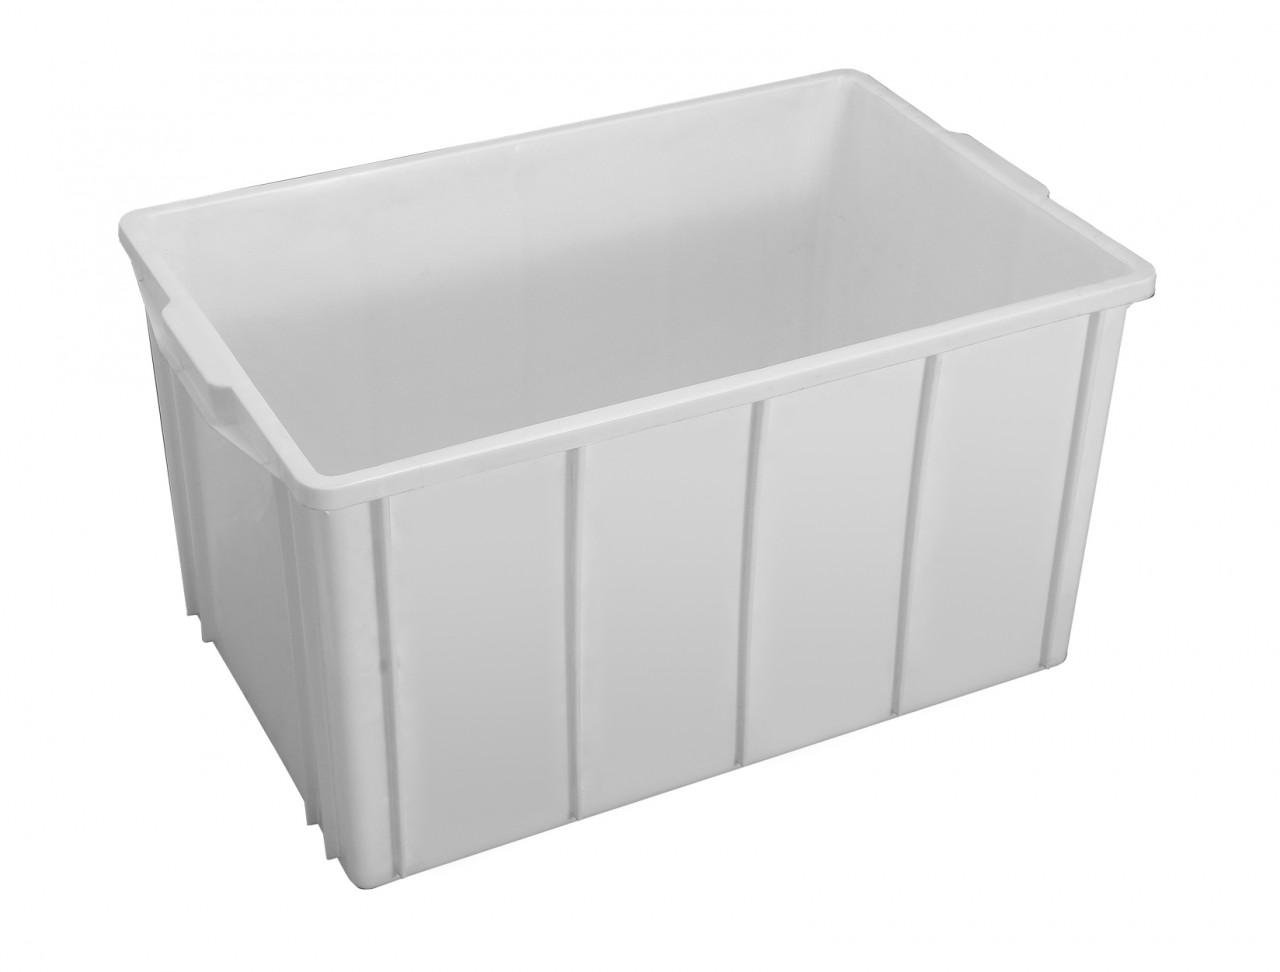 Caixa plástica com capacidade para 61 Litros